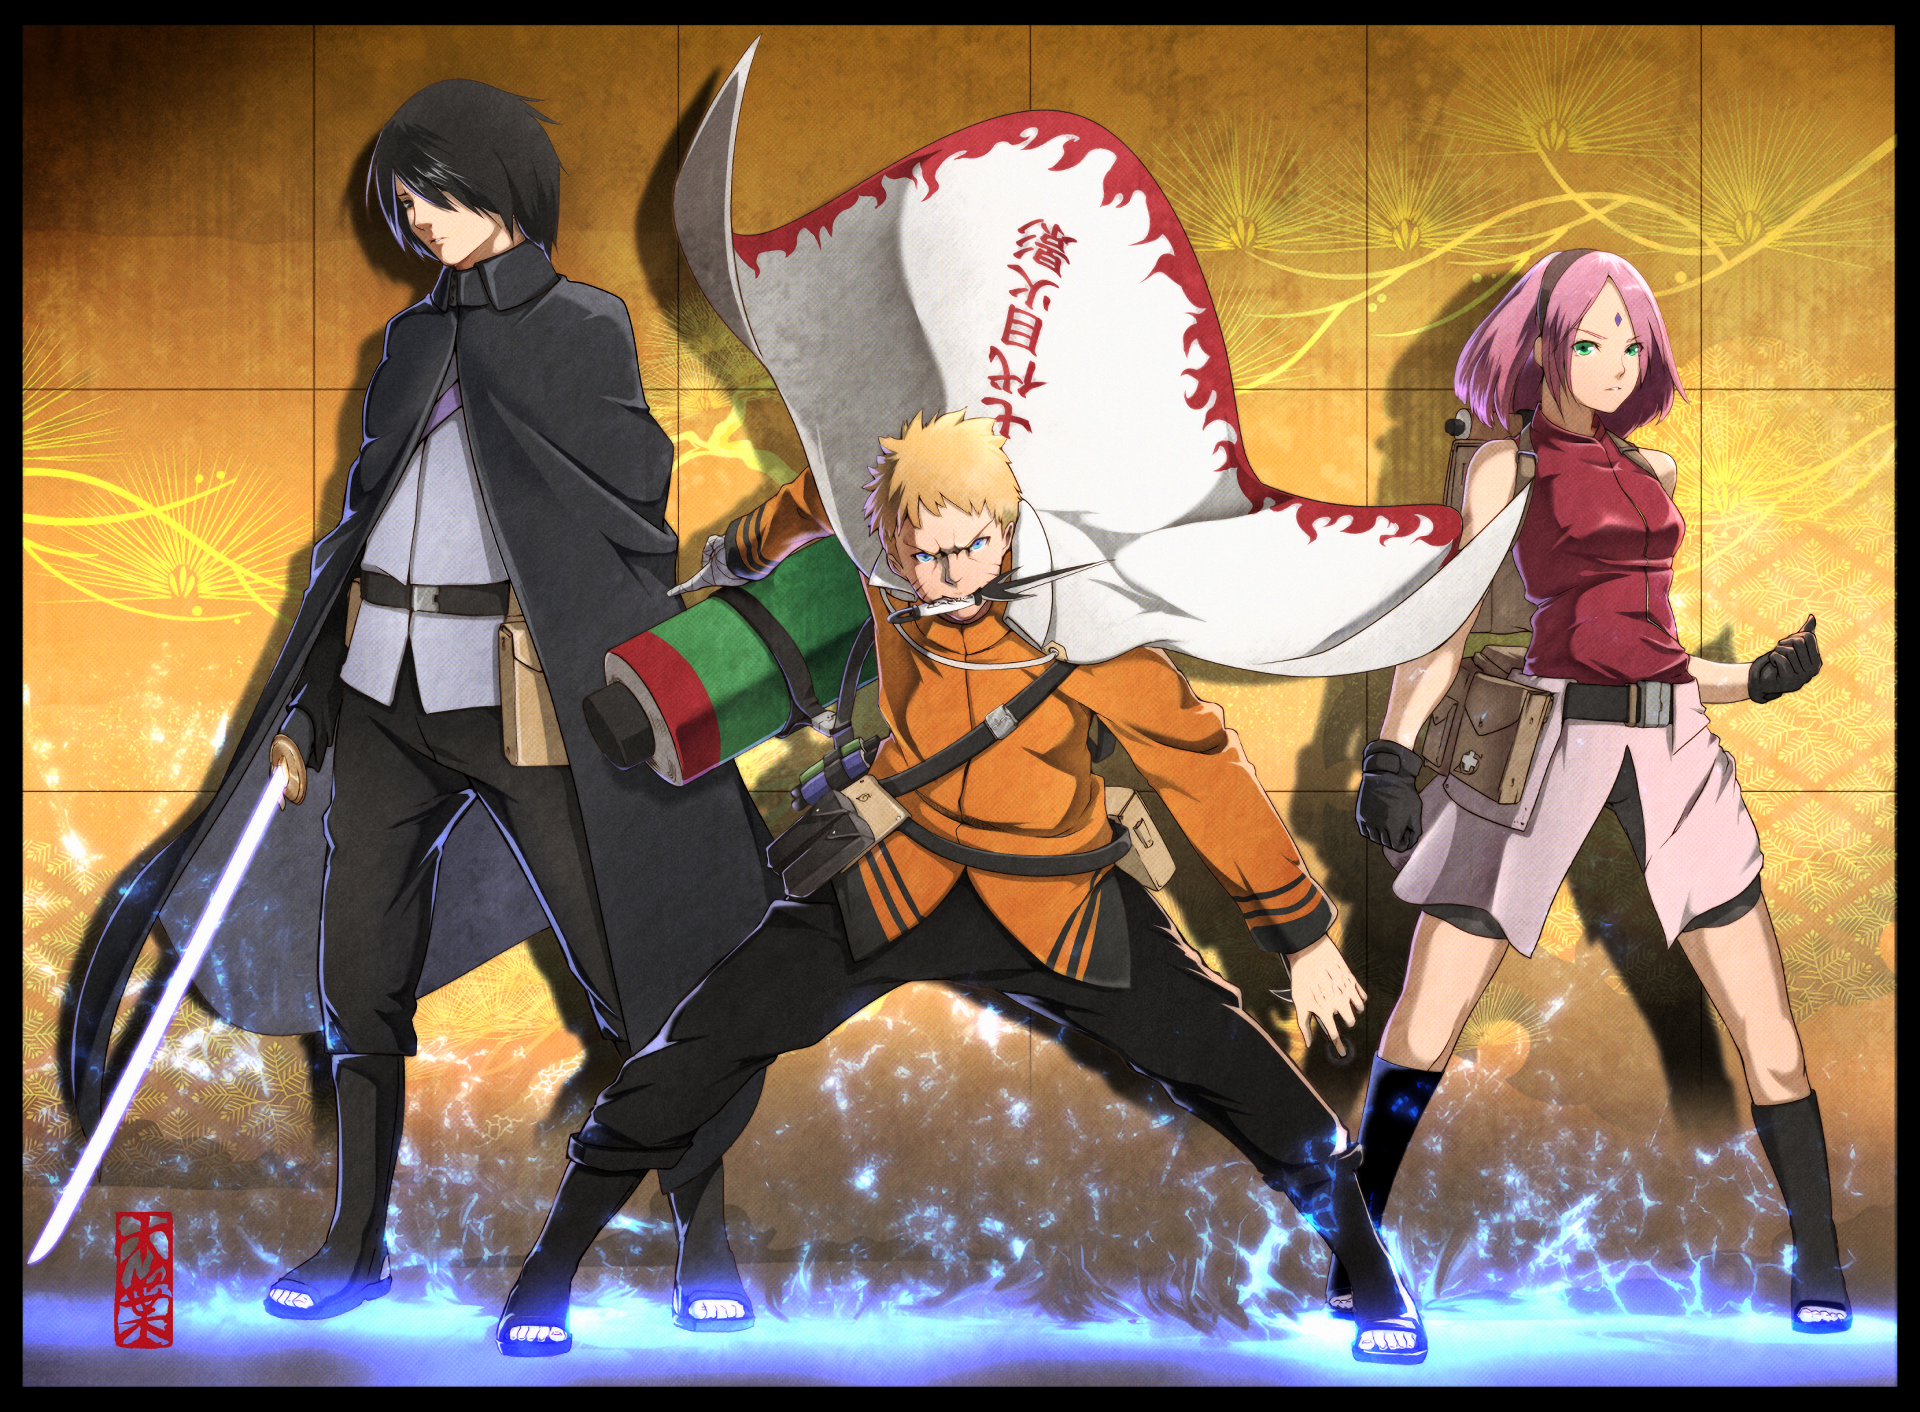 boruto walpaper naruto sakura sasuke battle mode